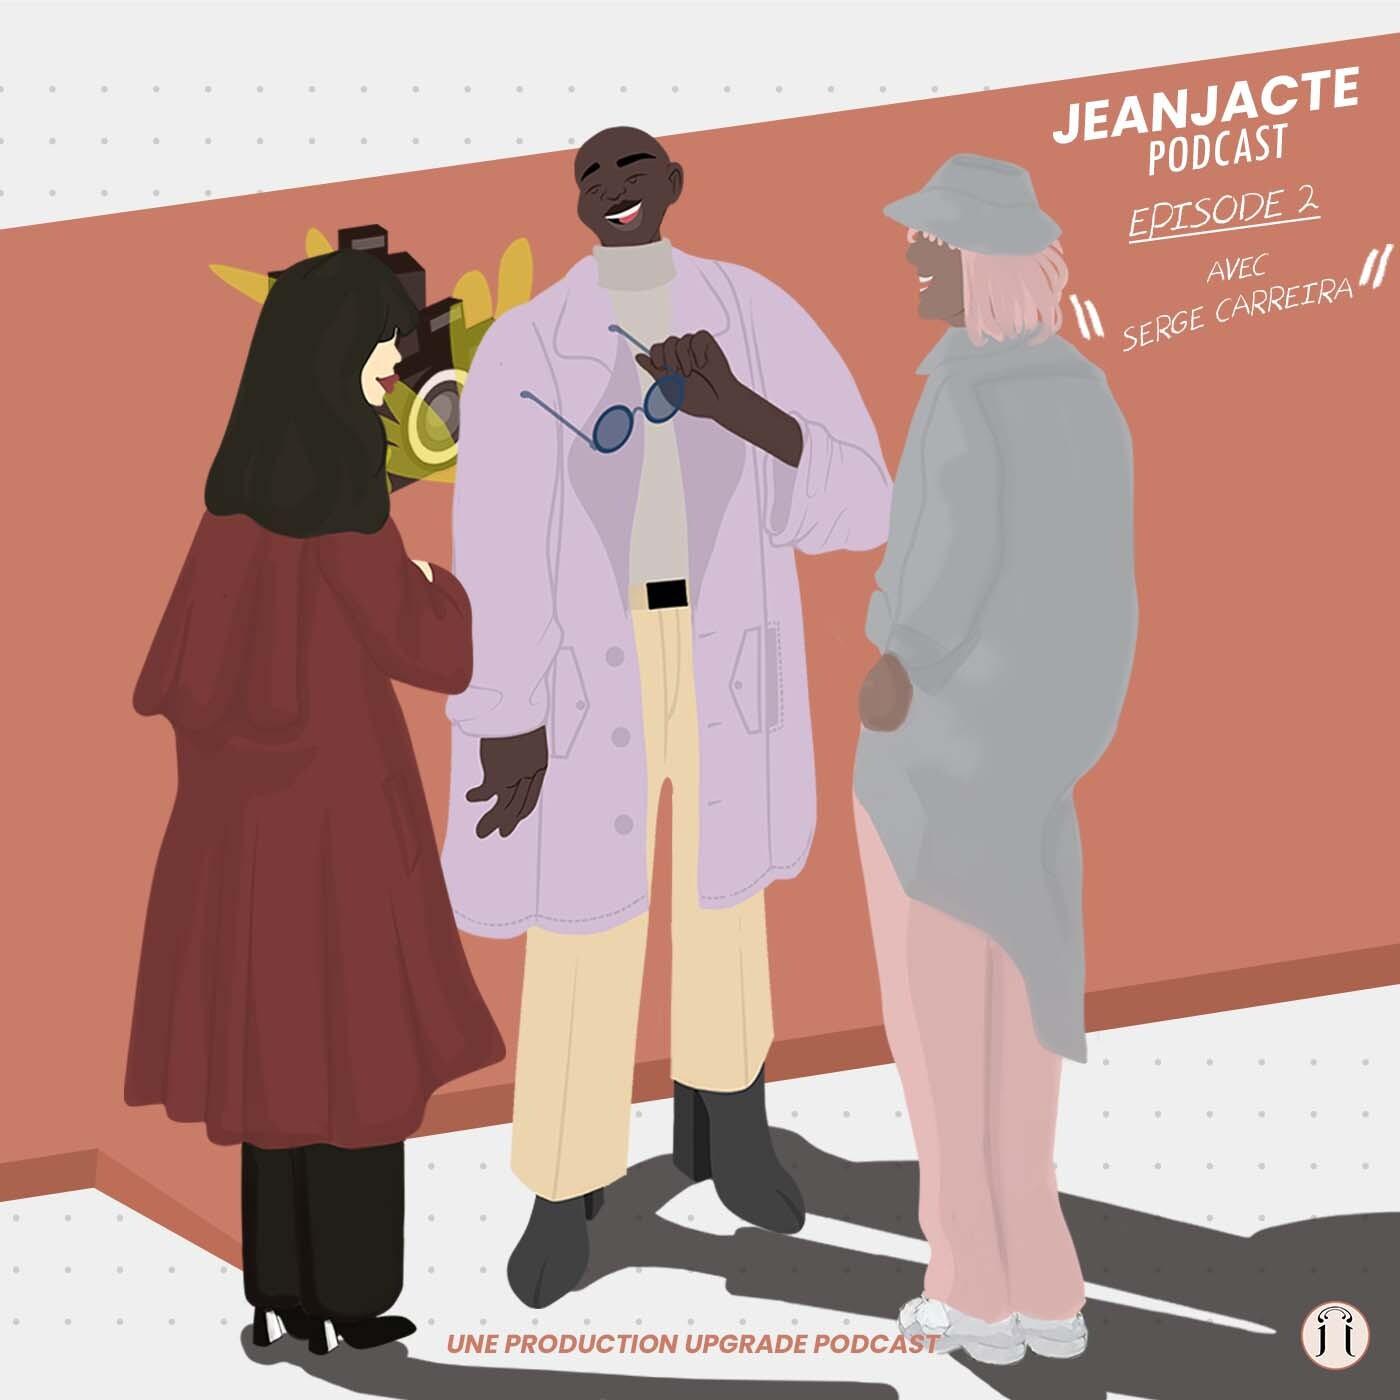 Episode 1 : Jean Jacte Podcast avec Serge Carreira (Responsable Marque Emergentes FHCM)